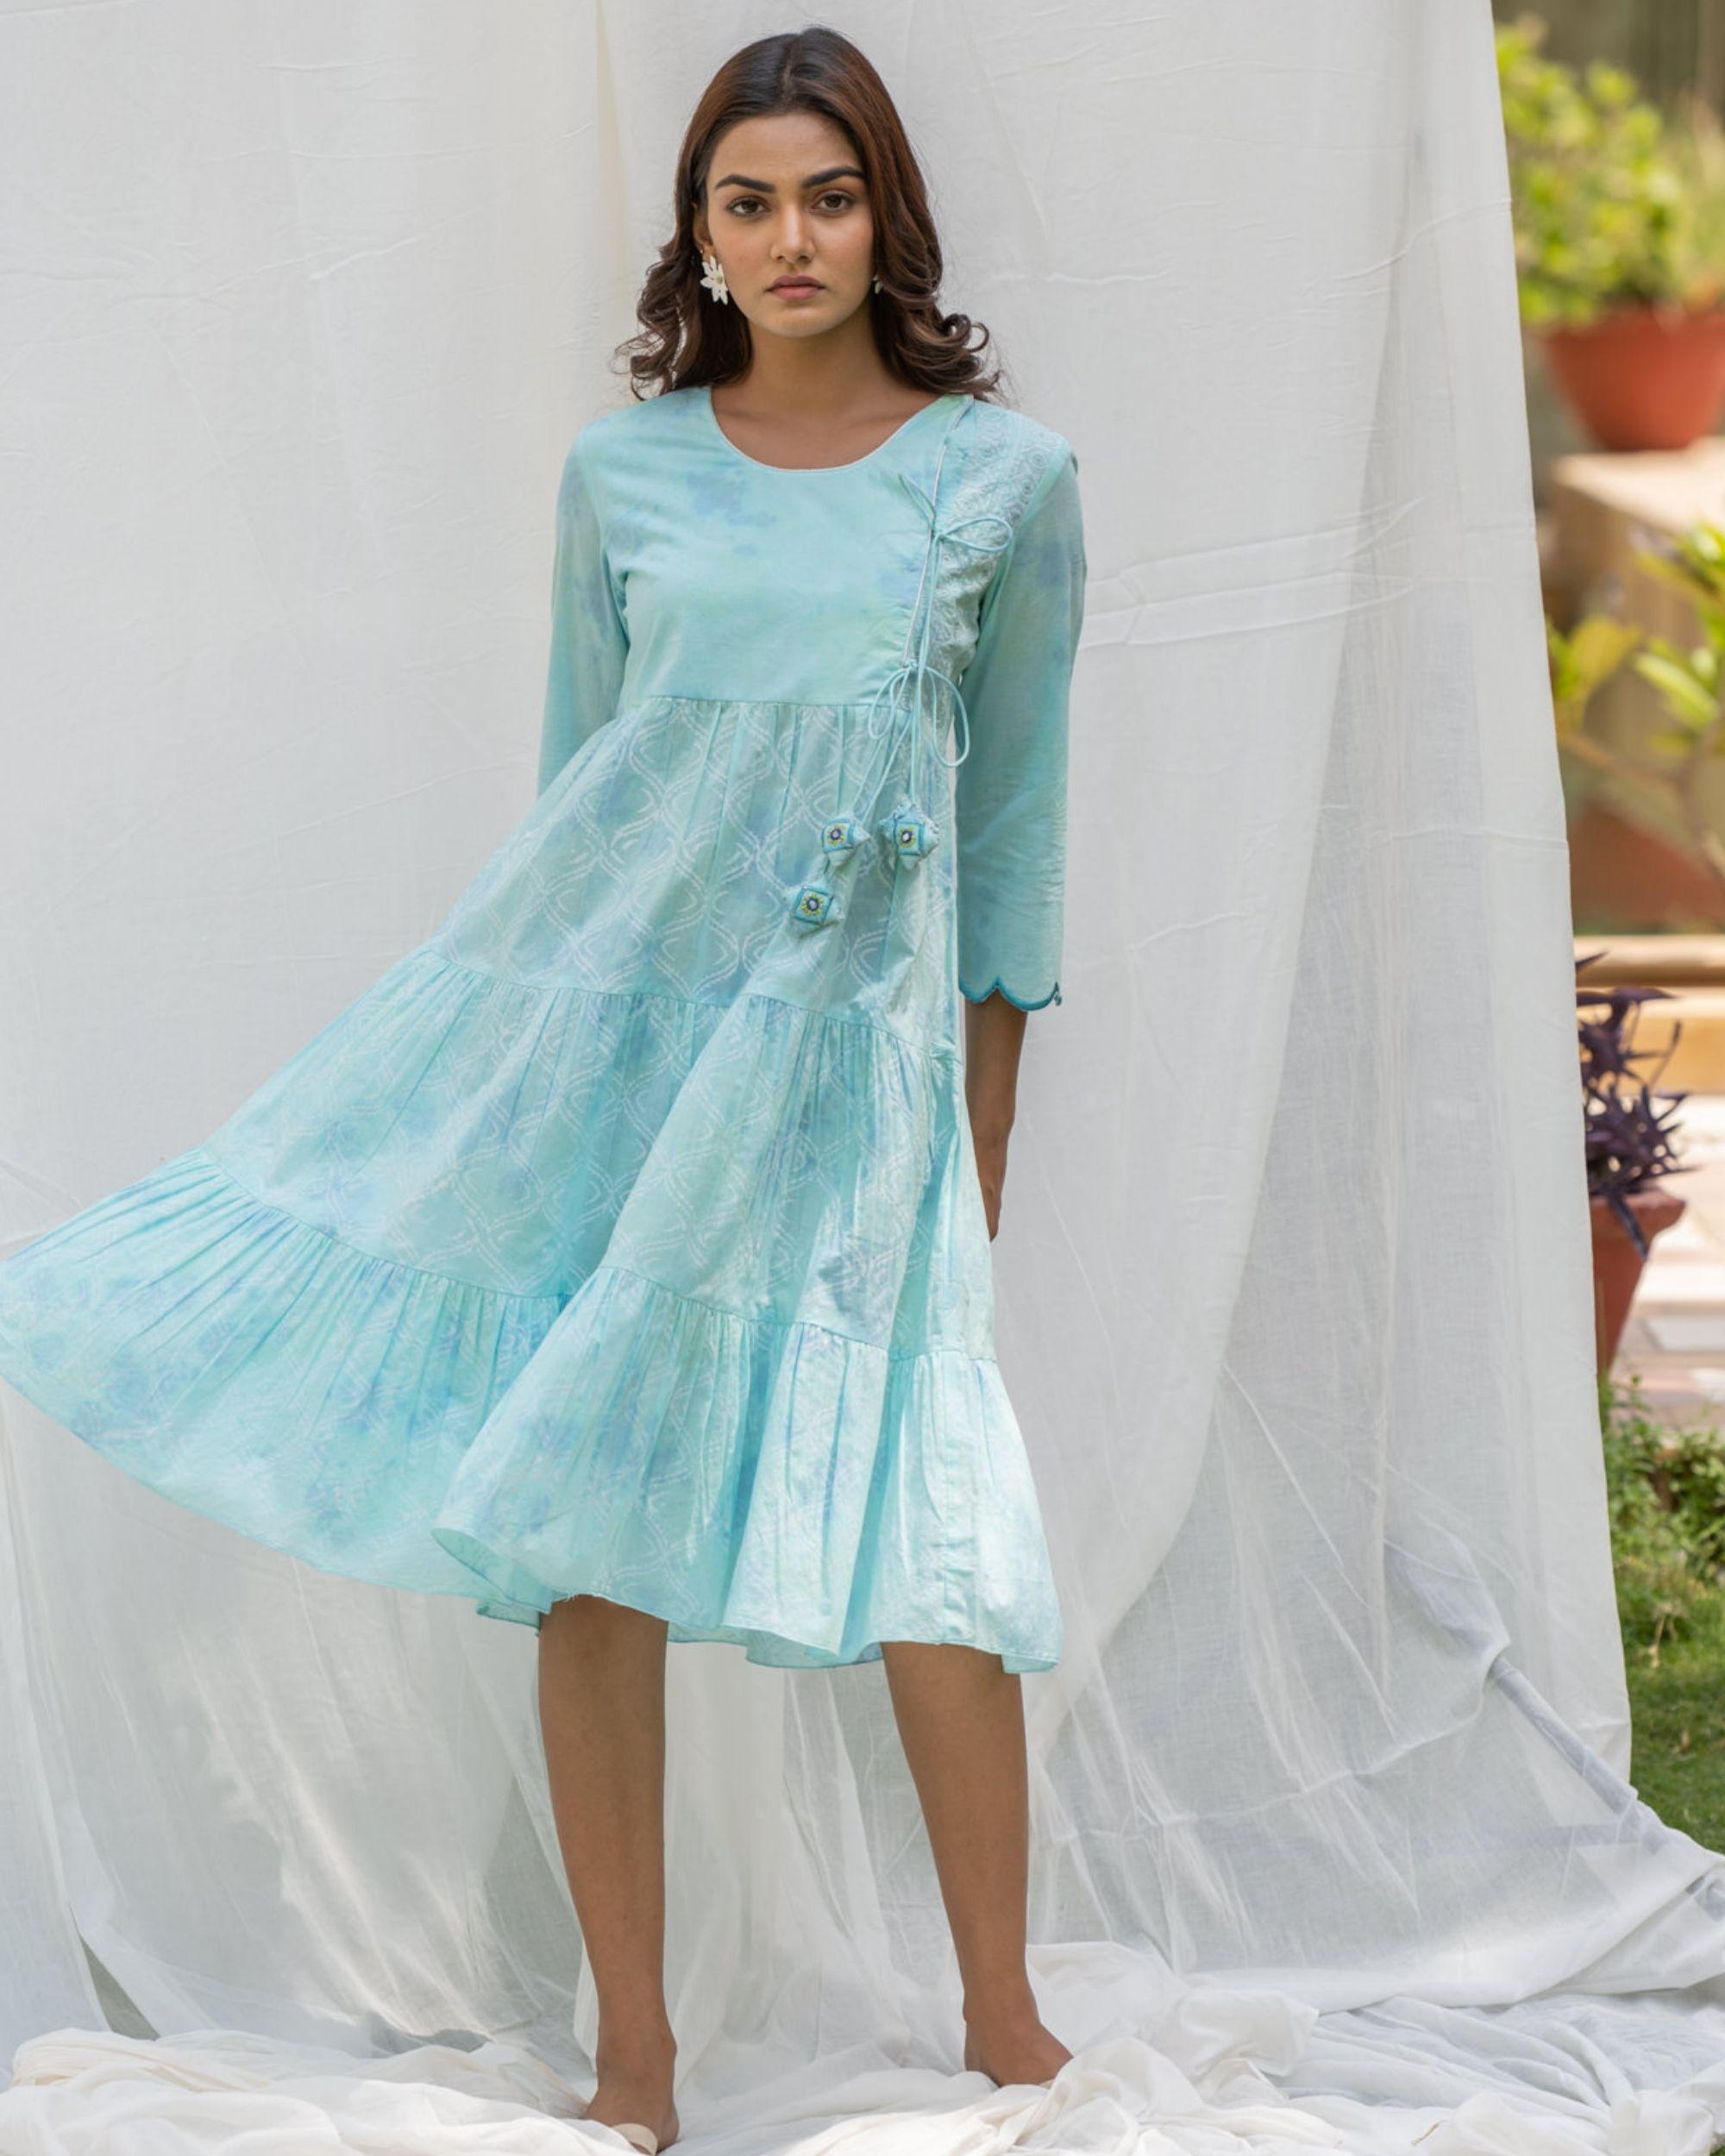 Aqua blue tiered flare dress